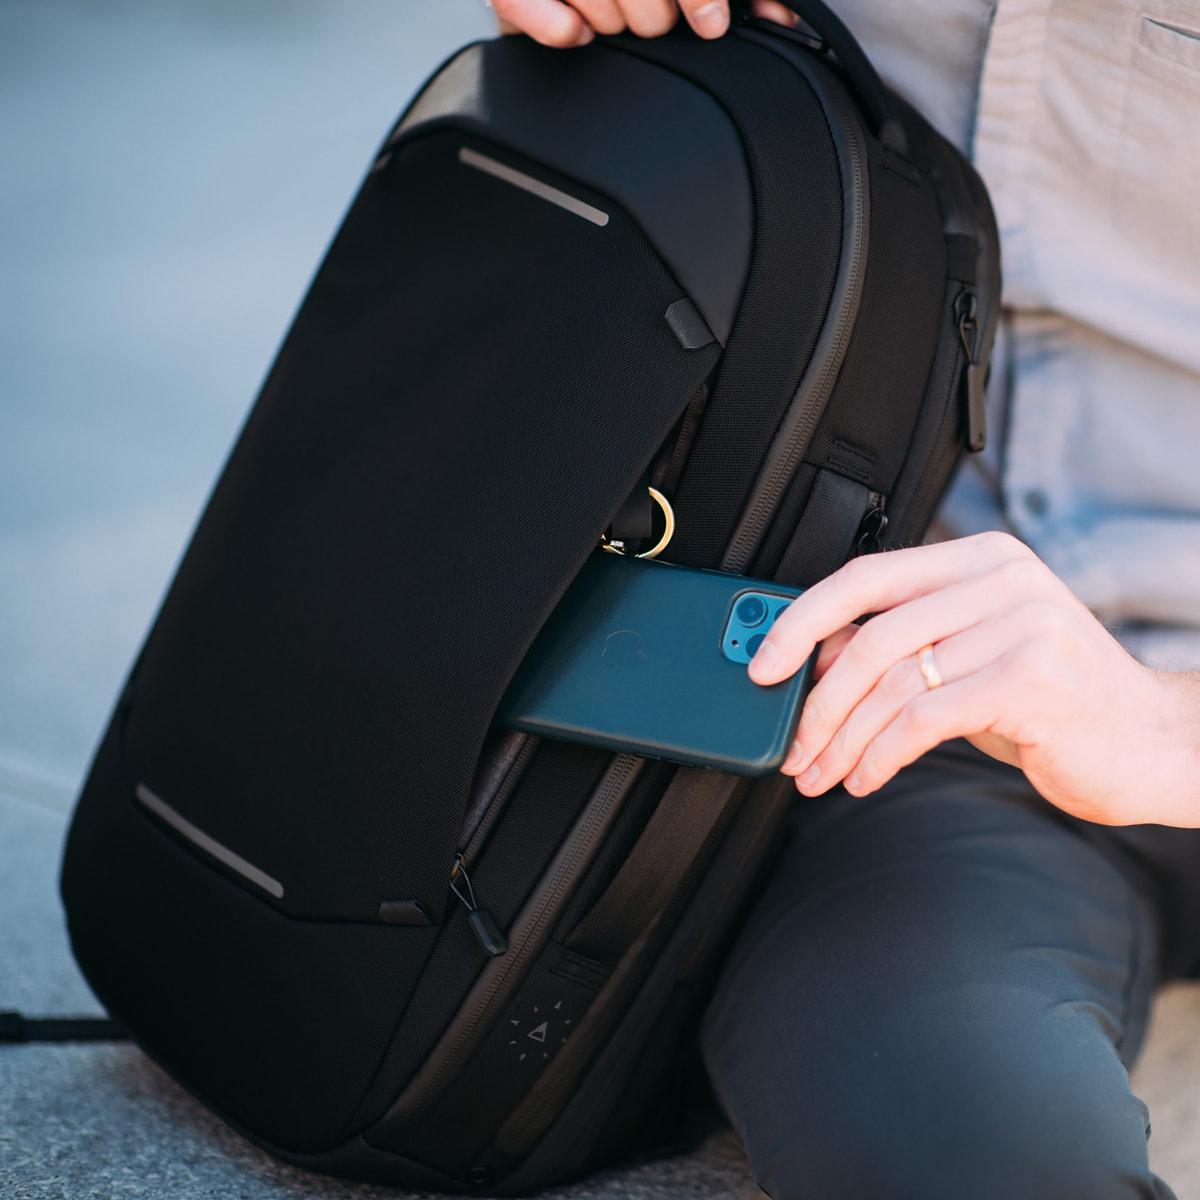 Best EDC backpack for men